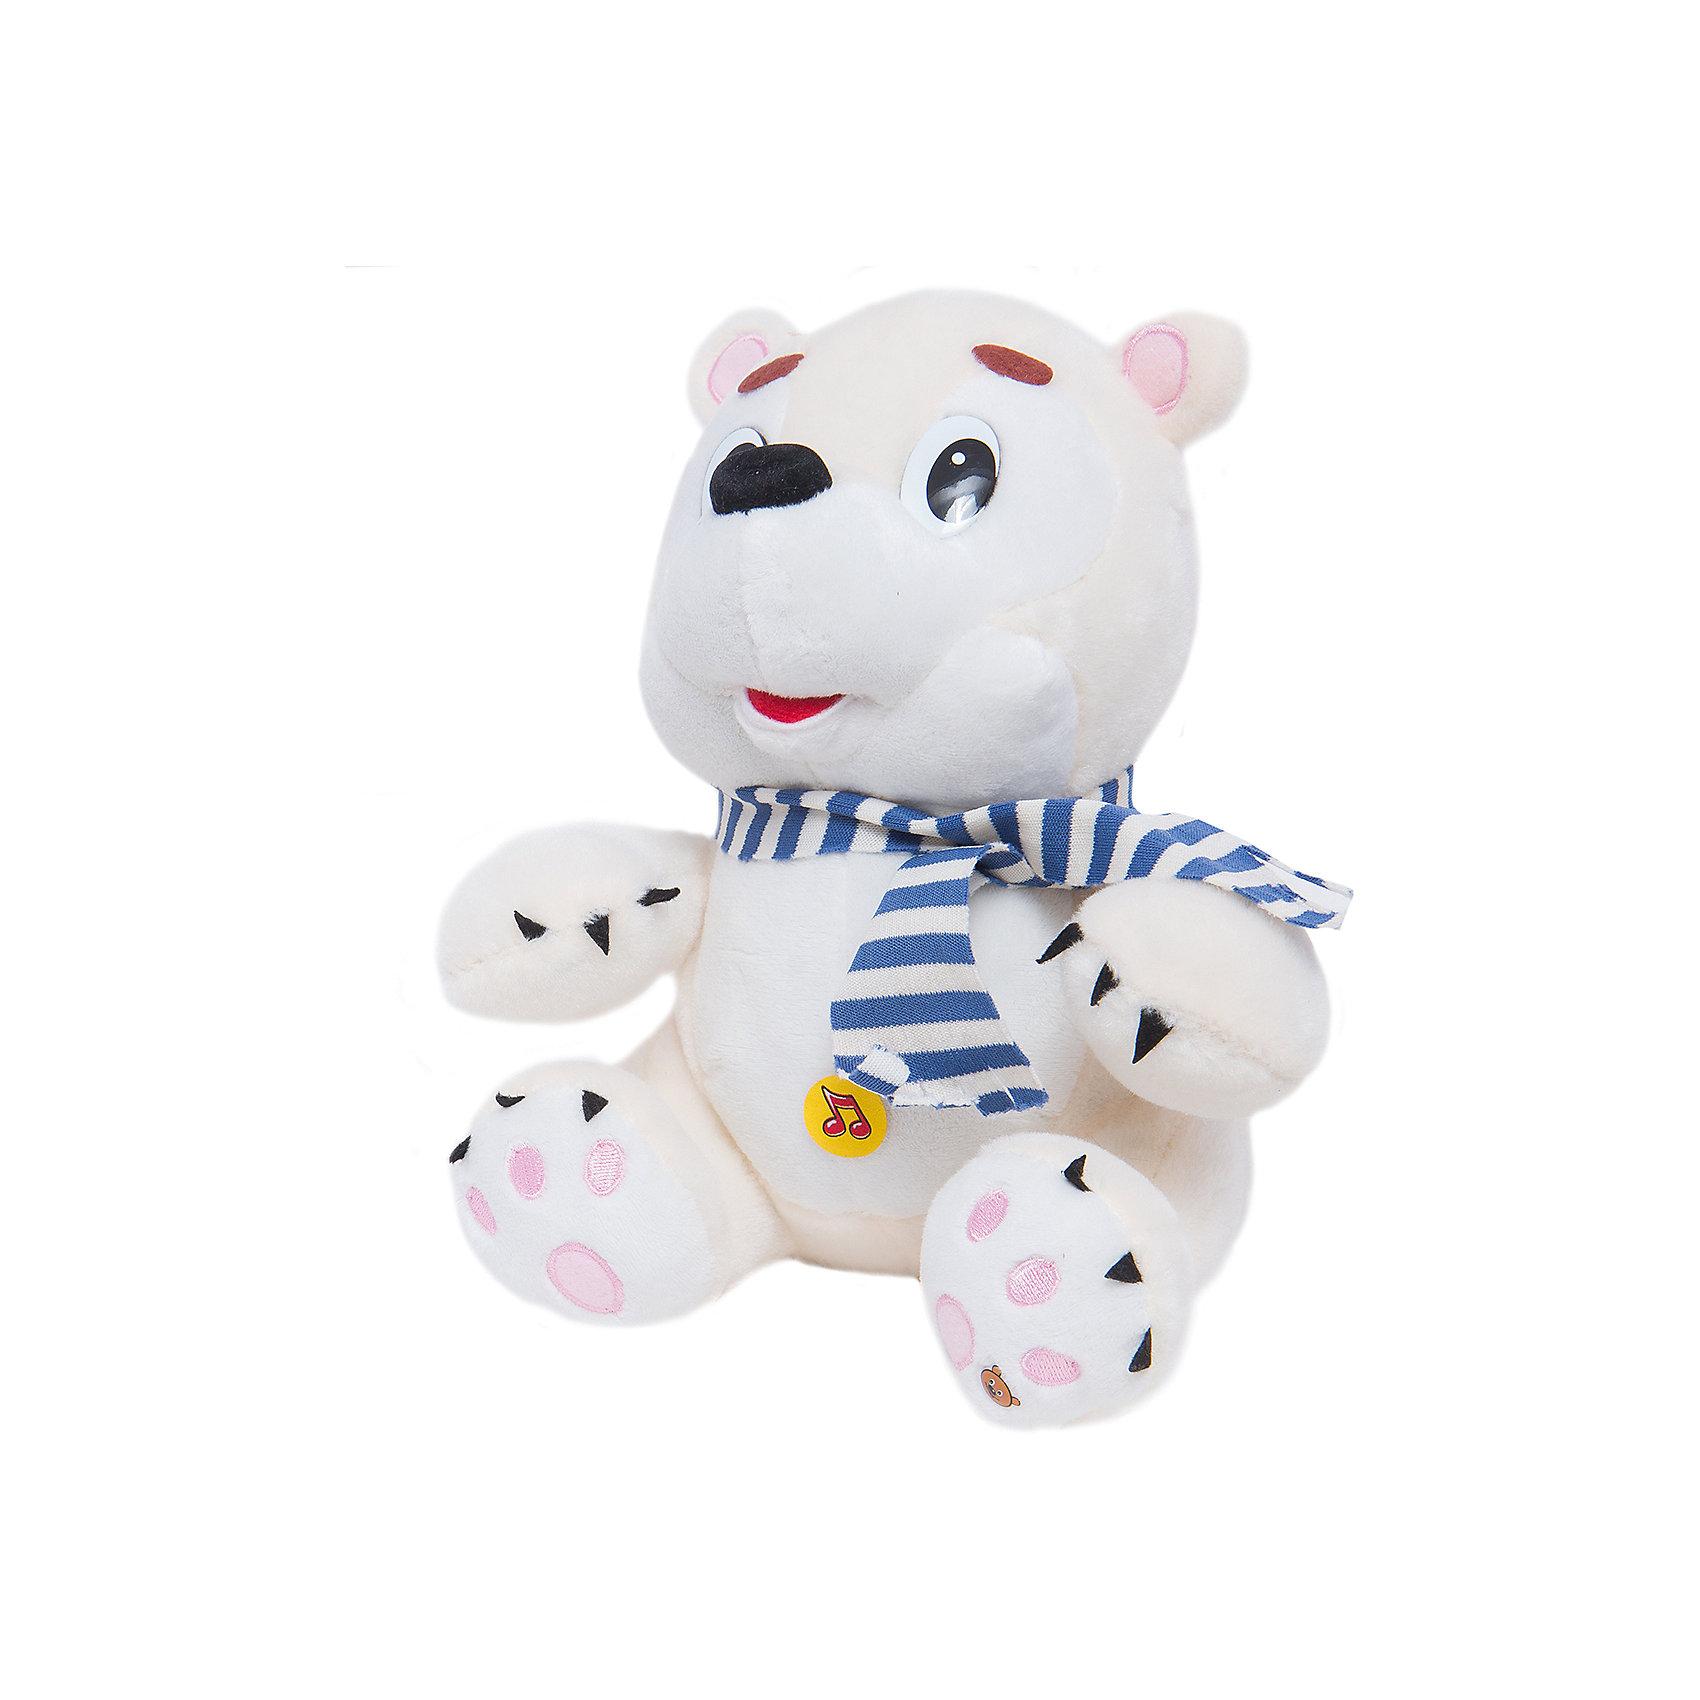 МУЛЬТИ-ПУЛЬТИ Мягкая игрушка Медведь Умка, 25 см, МУЛЬТИ-ПУЛЬТИ мульти пульти мягкая игрушка мамонтёнок 25 см мульти пульти